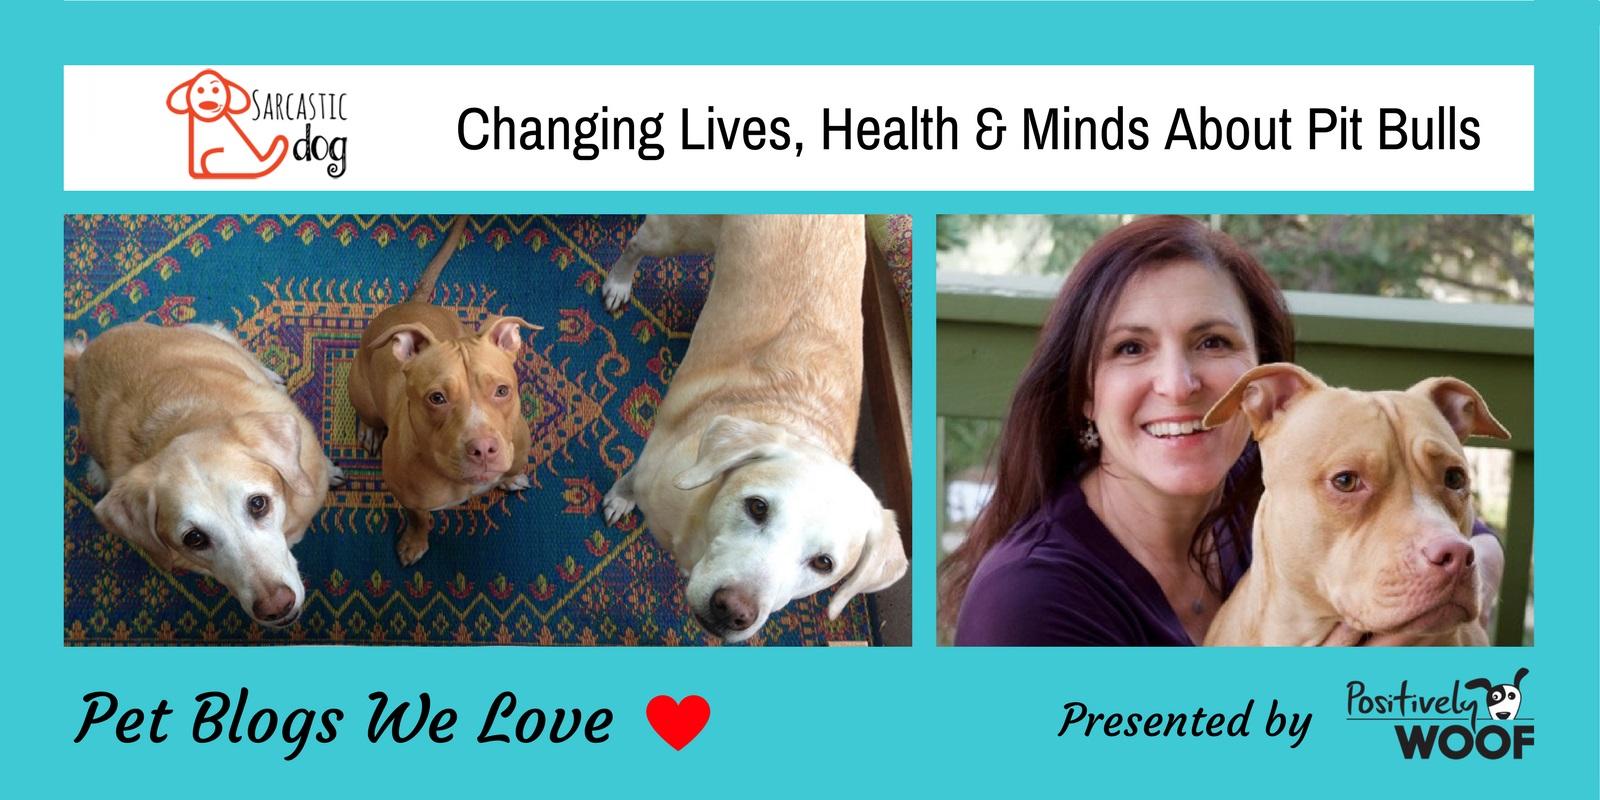 pet blogs we love